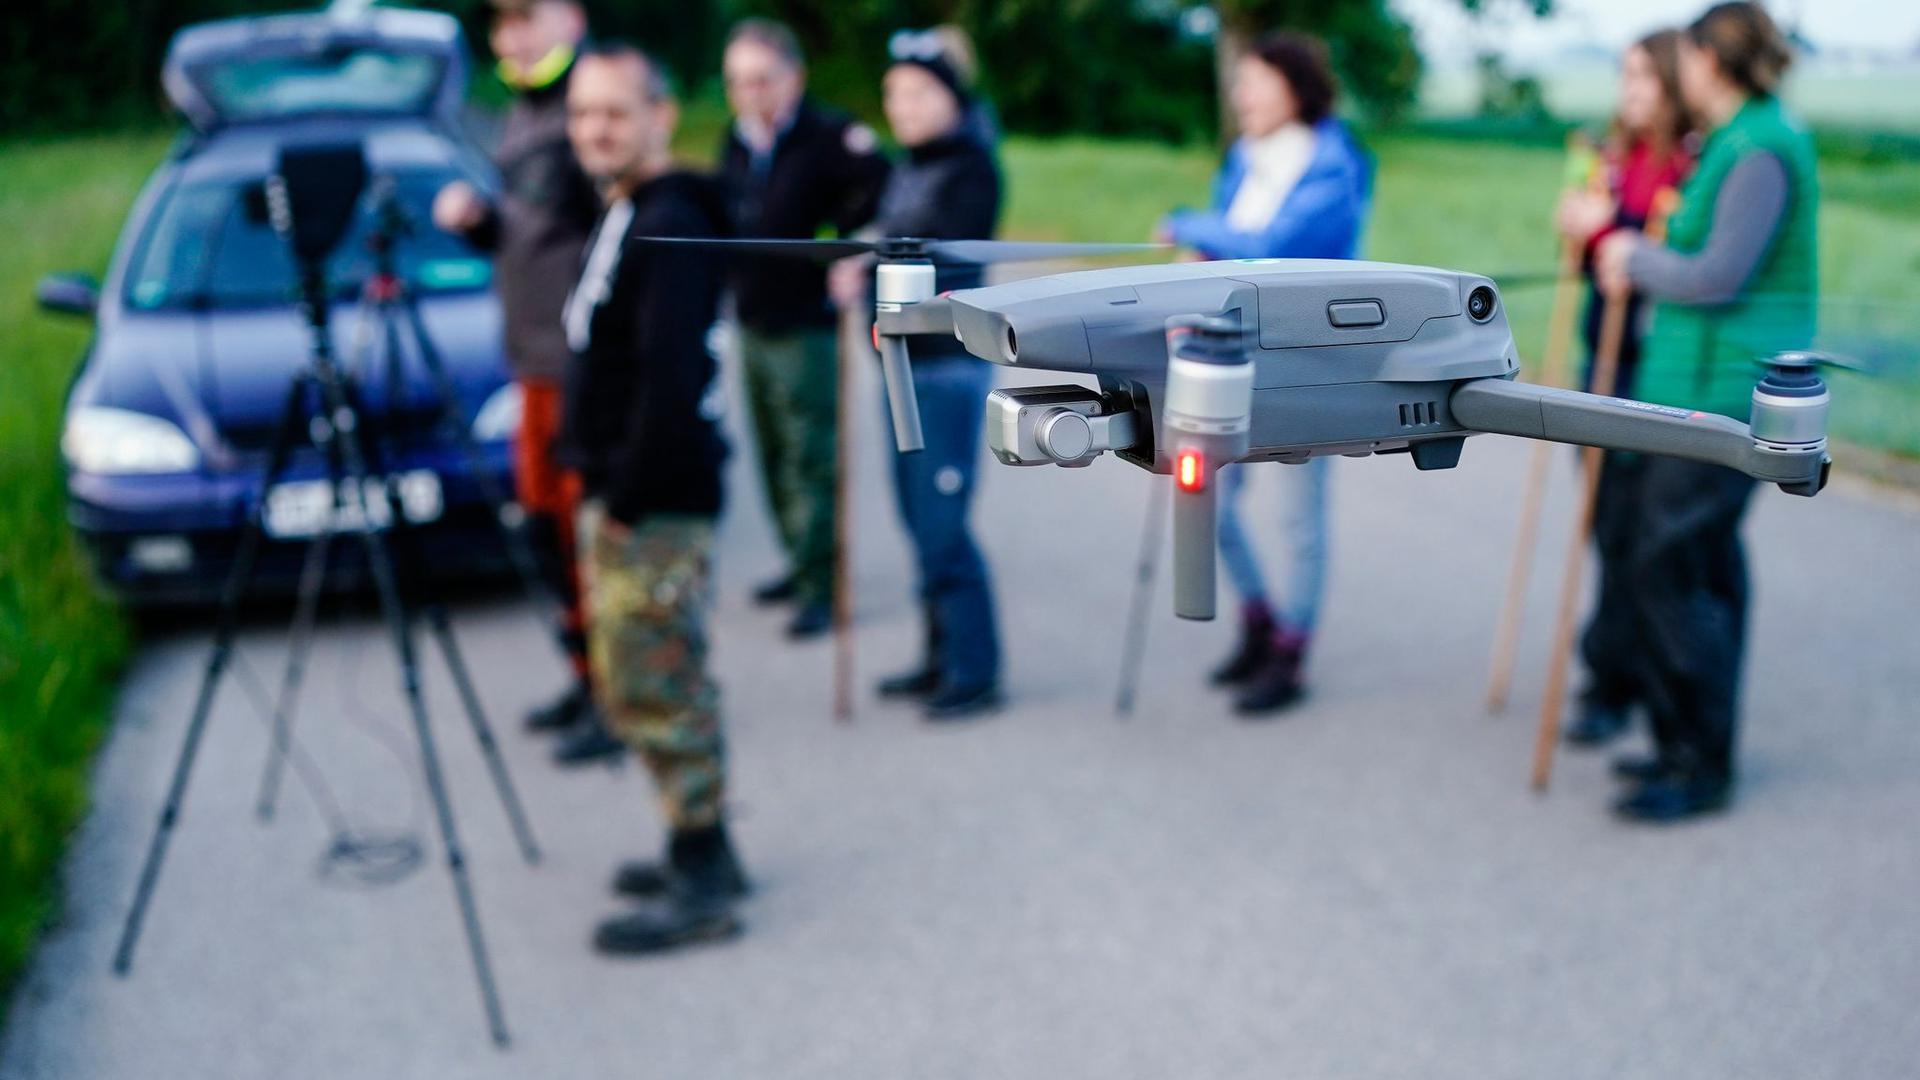 Helfer der Rehkitz-Rettung stehen hinter einer sich im Flug befindlichen Drohne mit Wärmebildkamera.